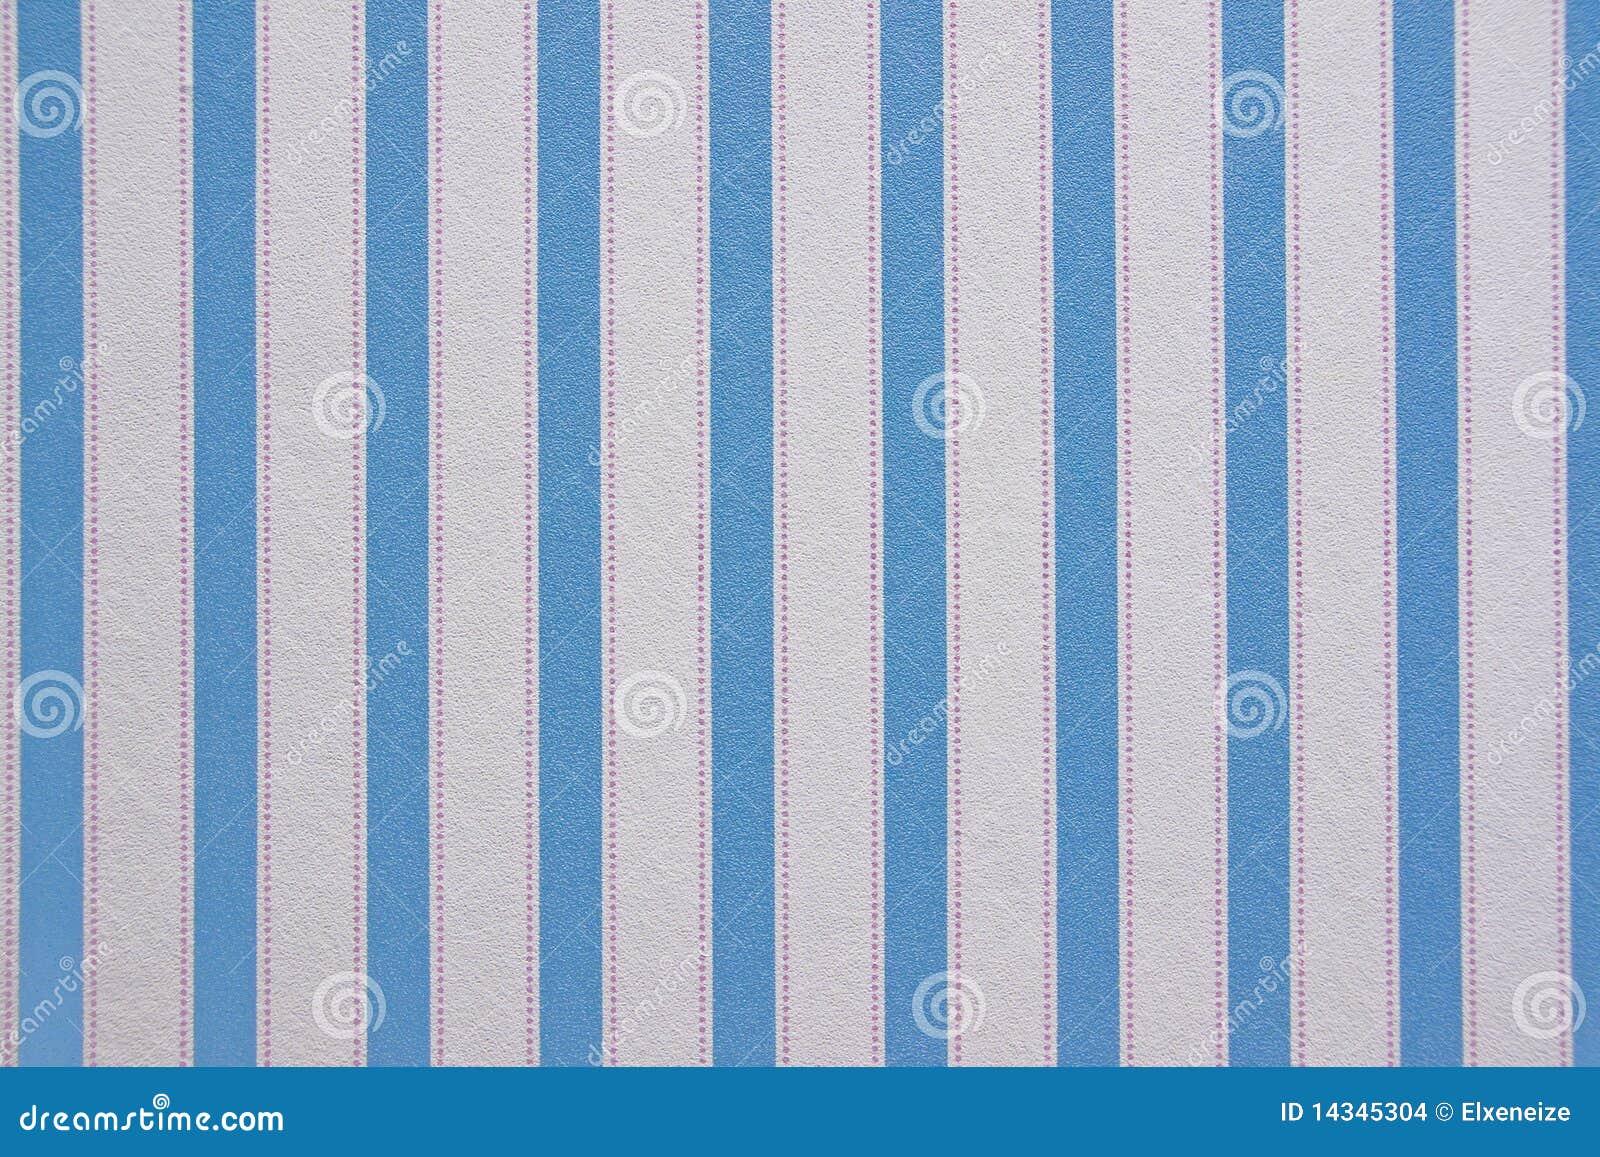 vertikal gestreifte tapete stockbilder bild 14345304. Black Bedroom Furniture Sets. Home Design Ideas